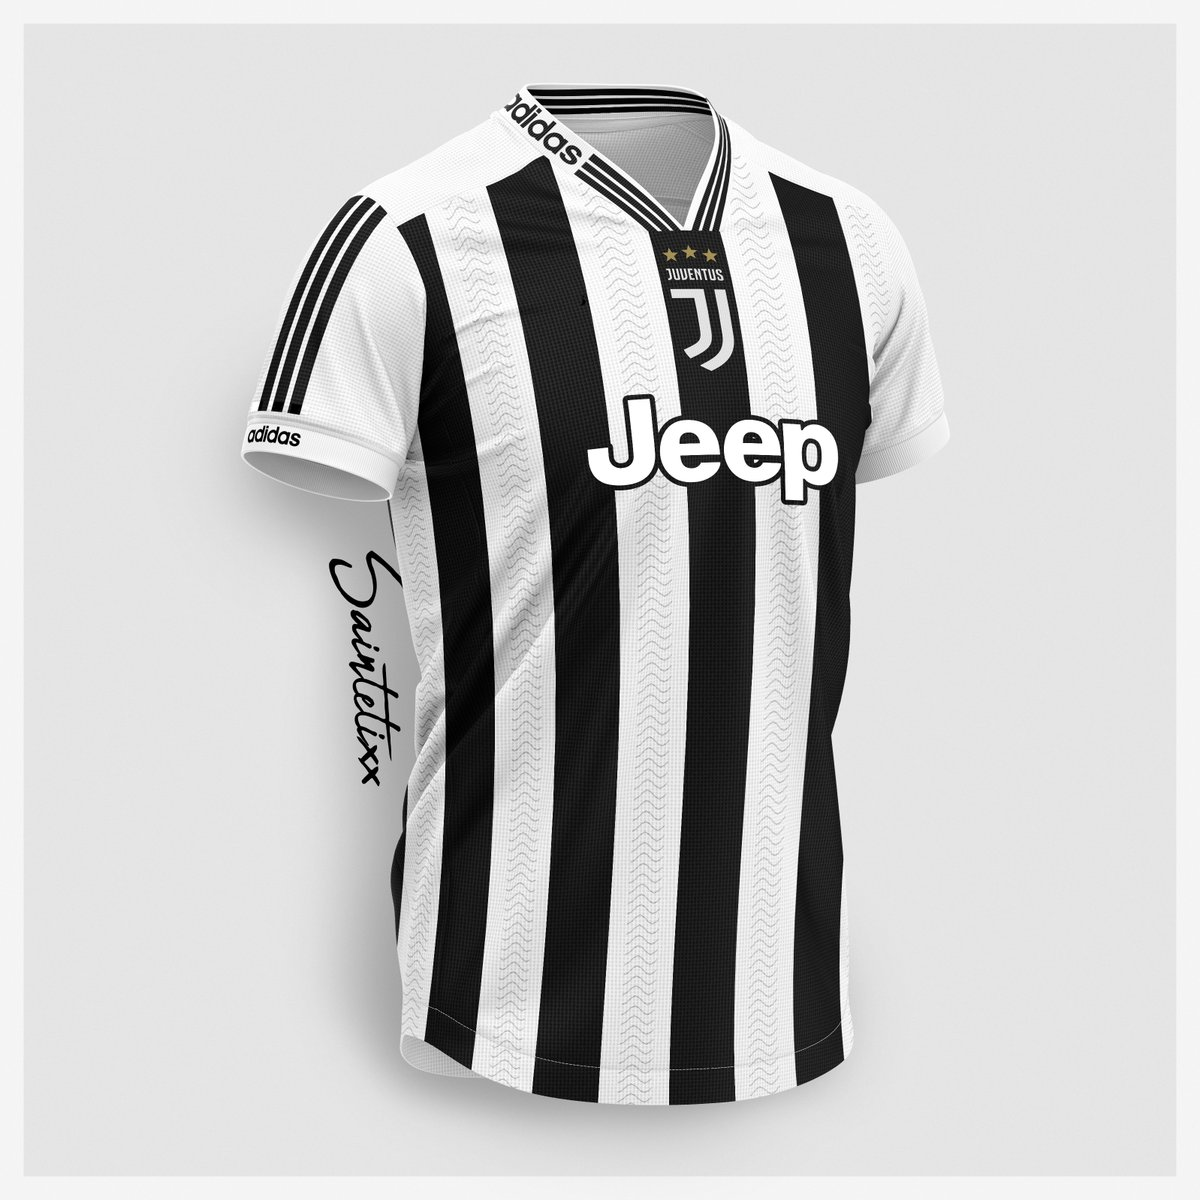 quality design 3a79b 251d7 Extraordinary Adidas Juventus Home, Away & Third Concept ...